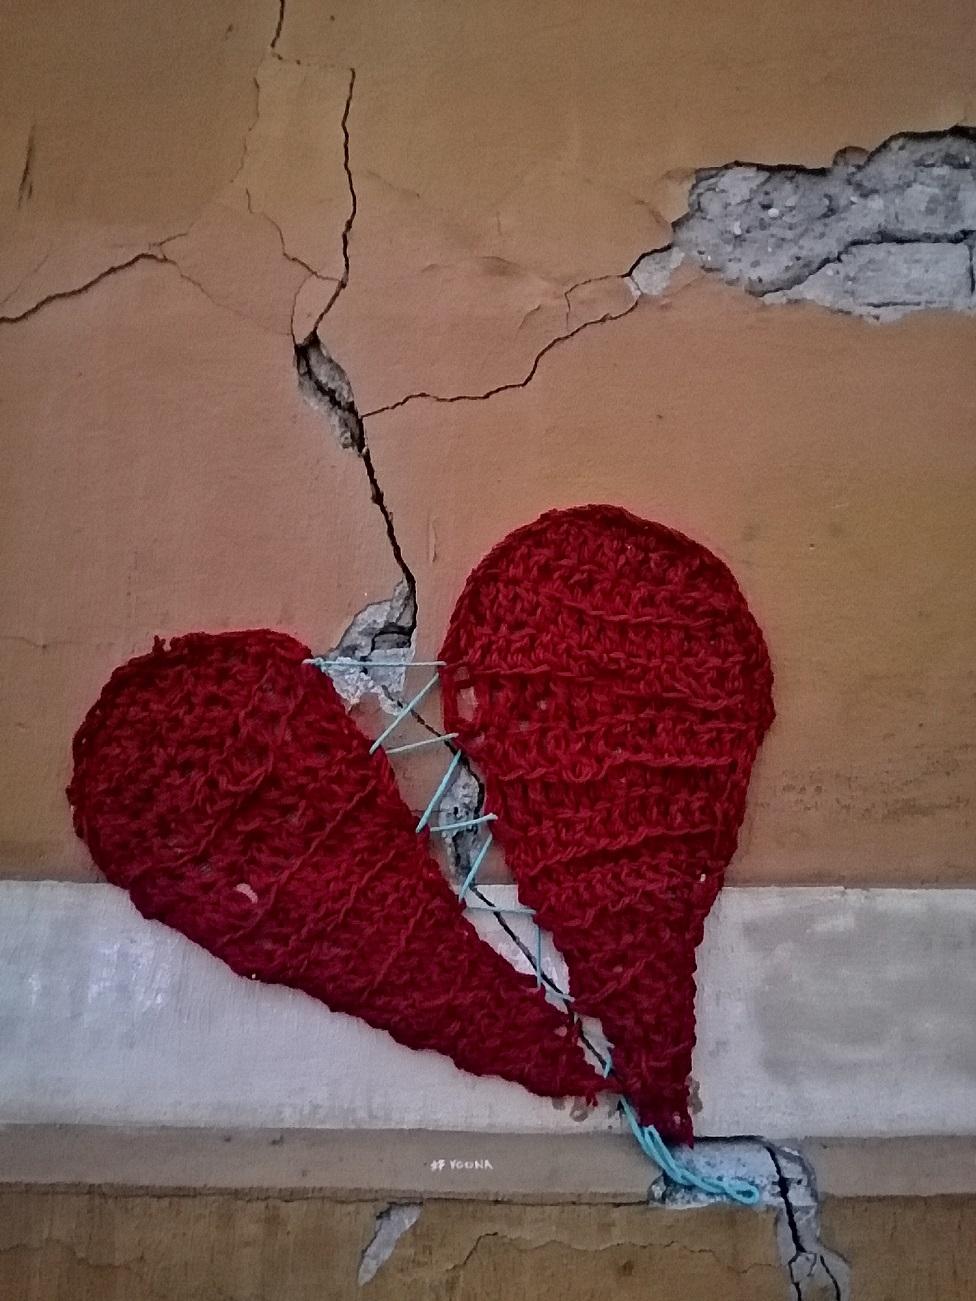 srce u Zagrebu